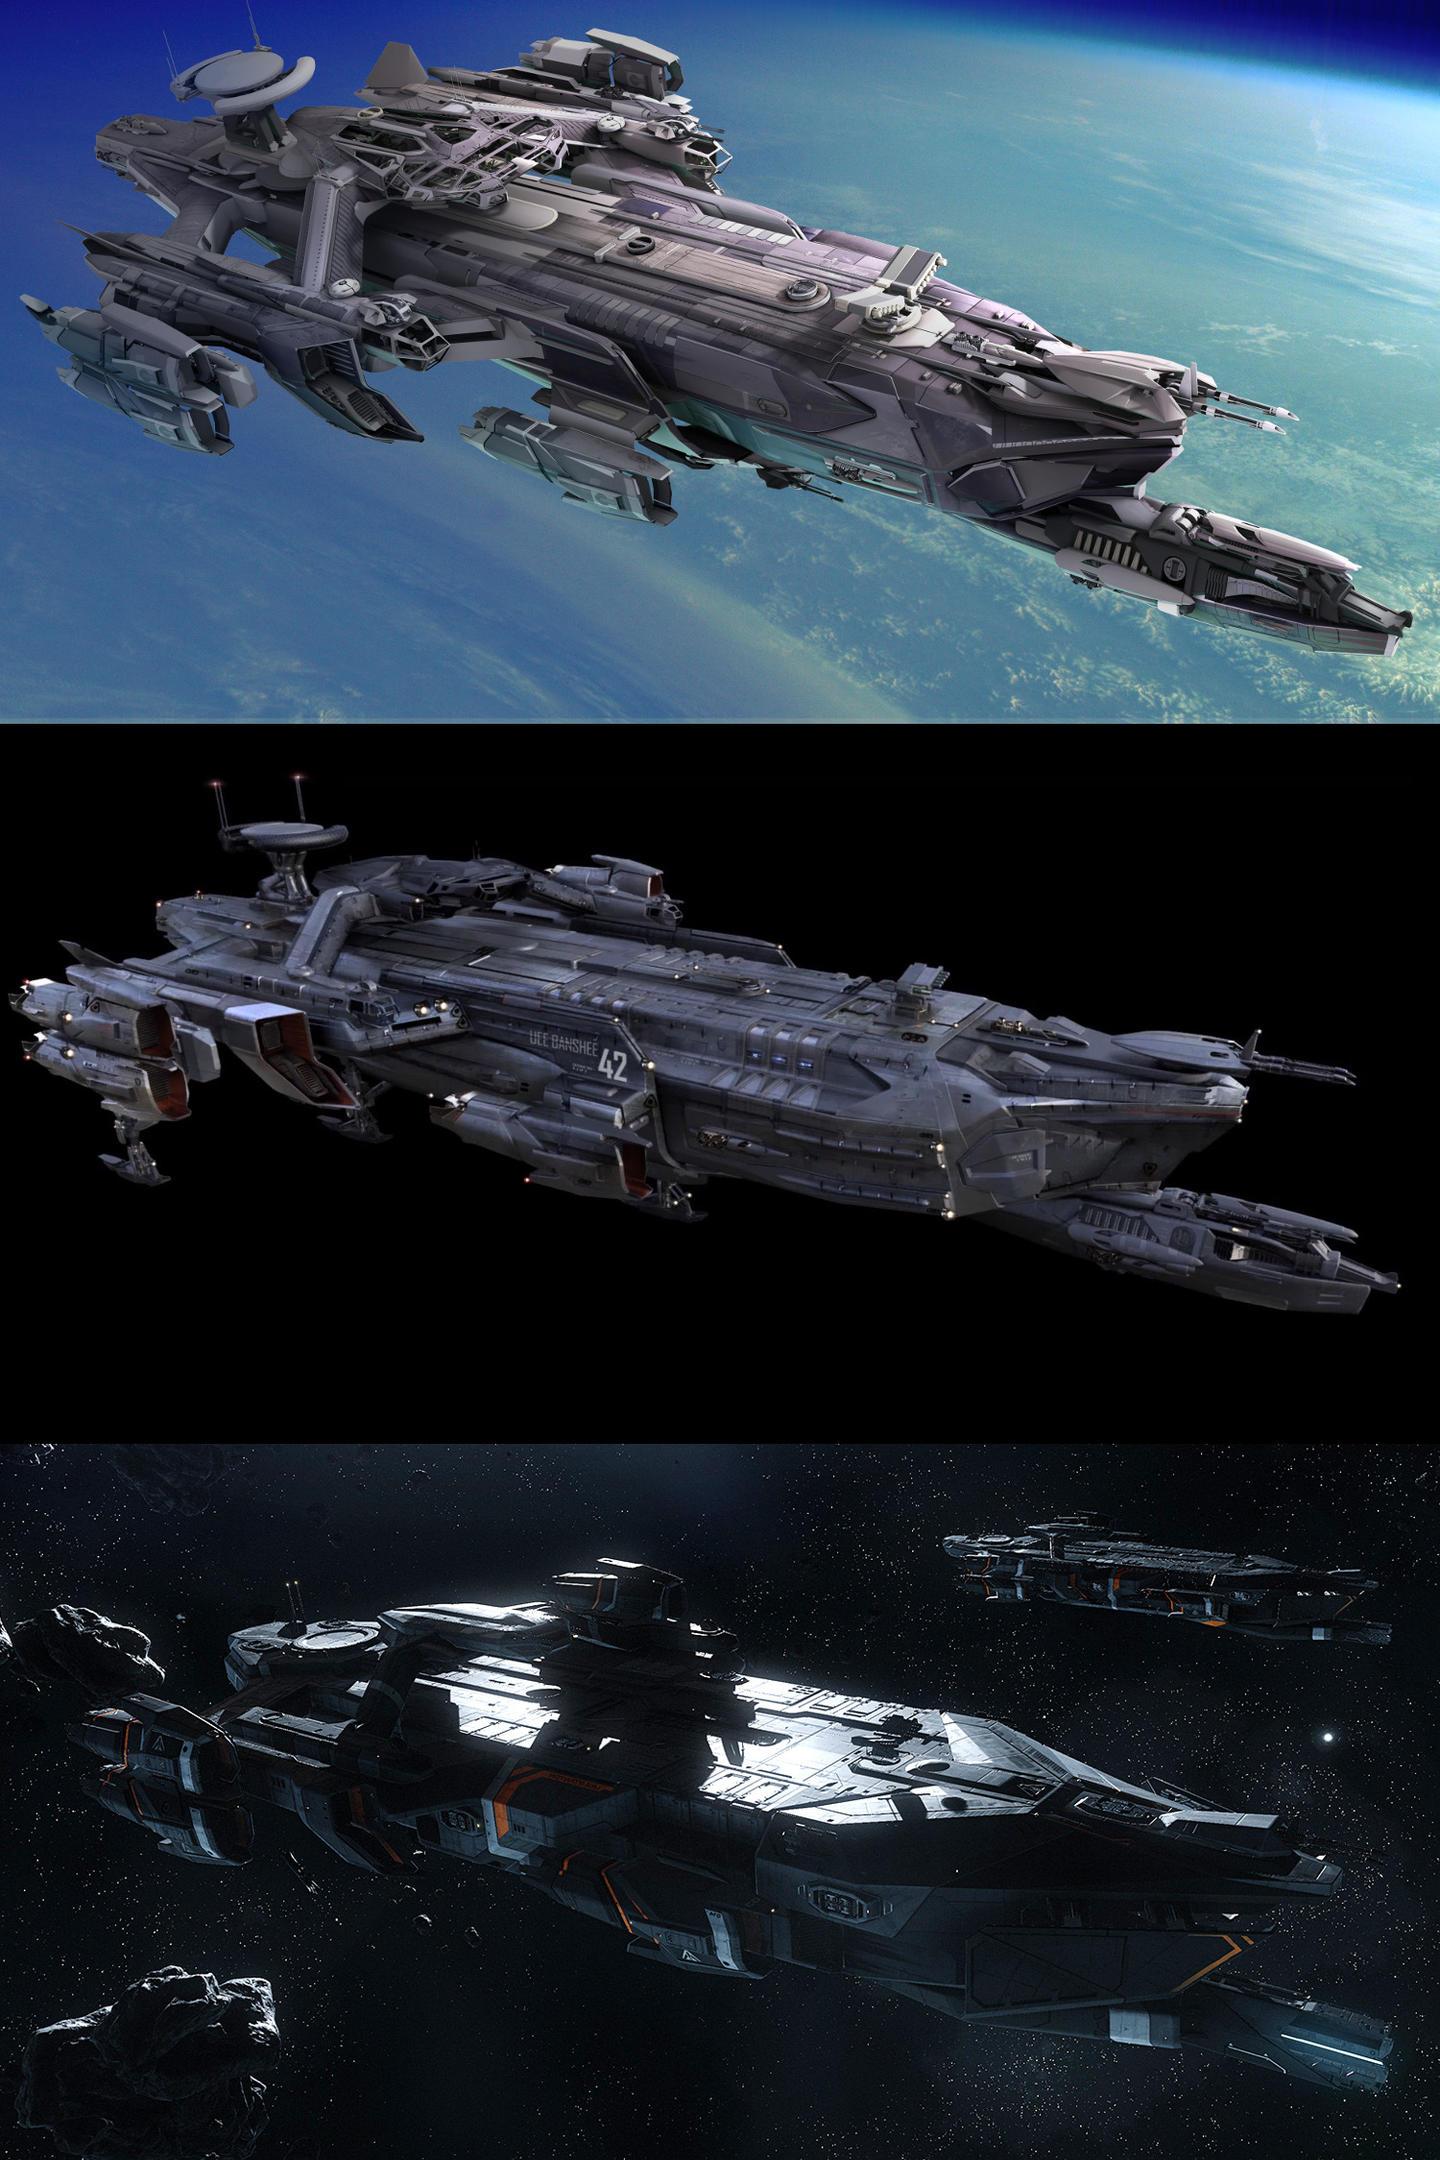 IDRIS ewolucja i zmiana wielkości statku